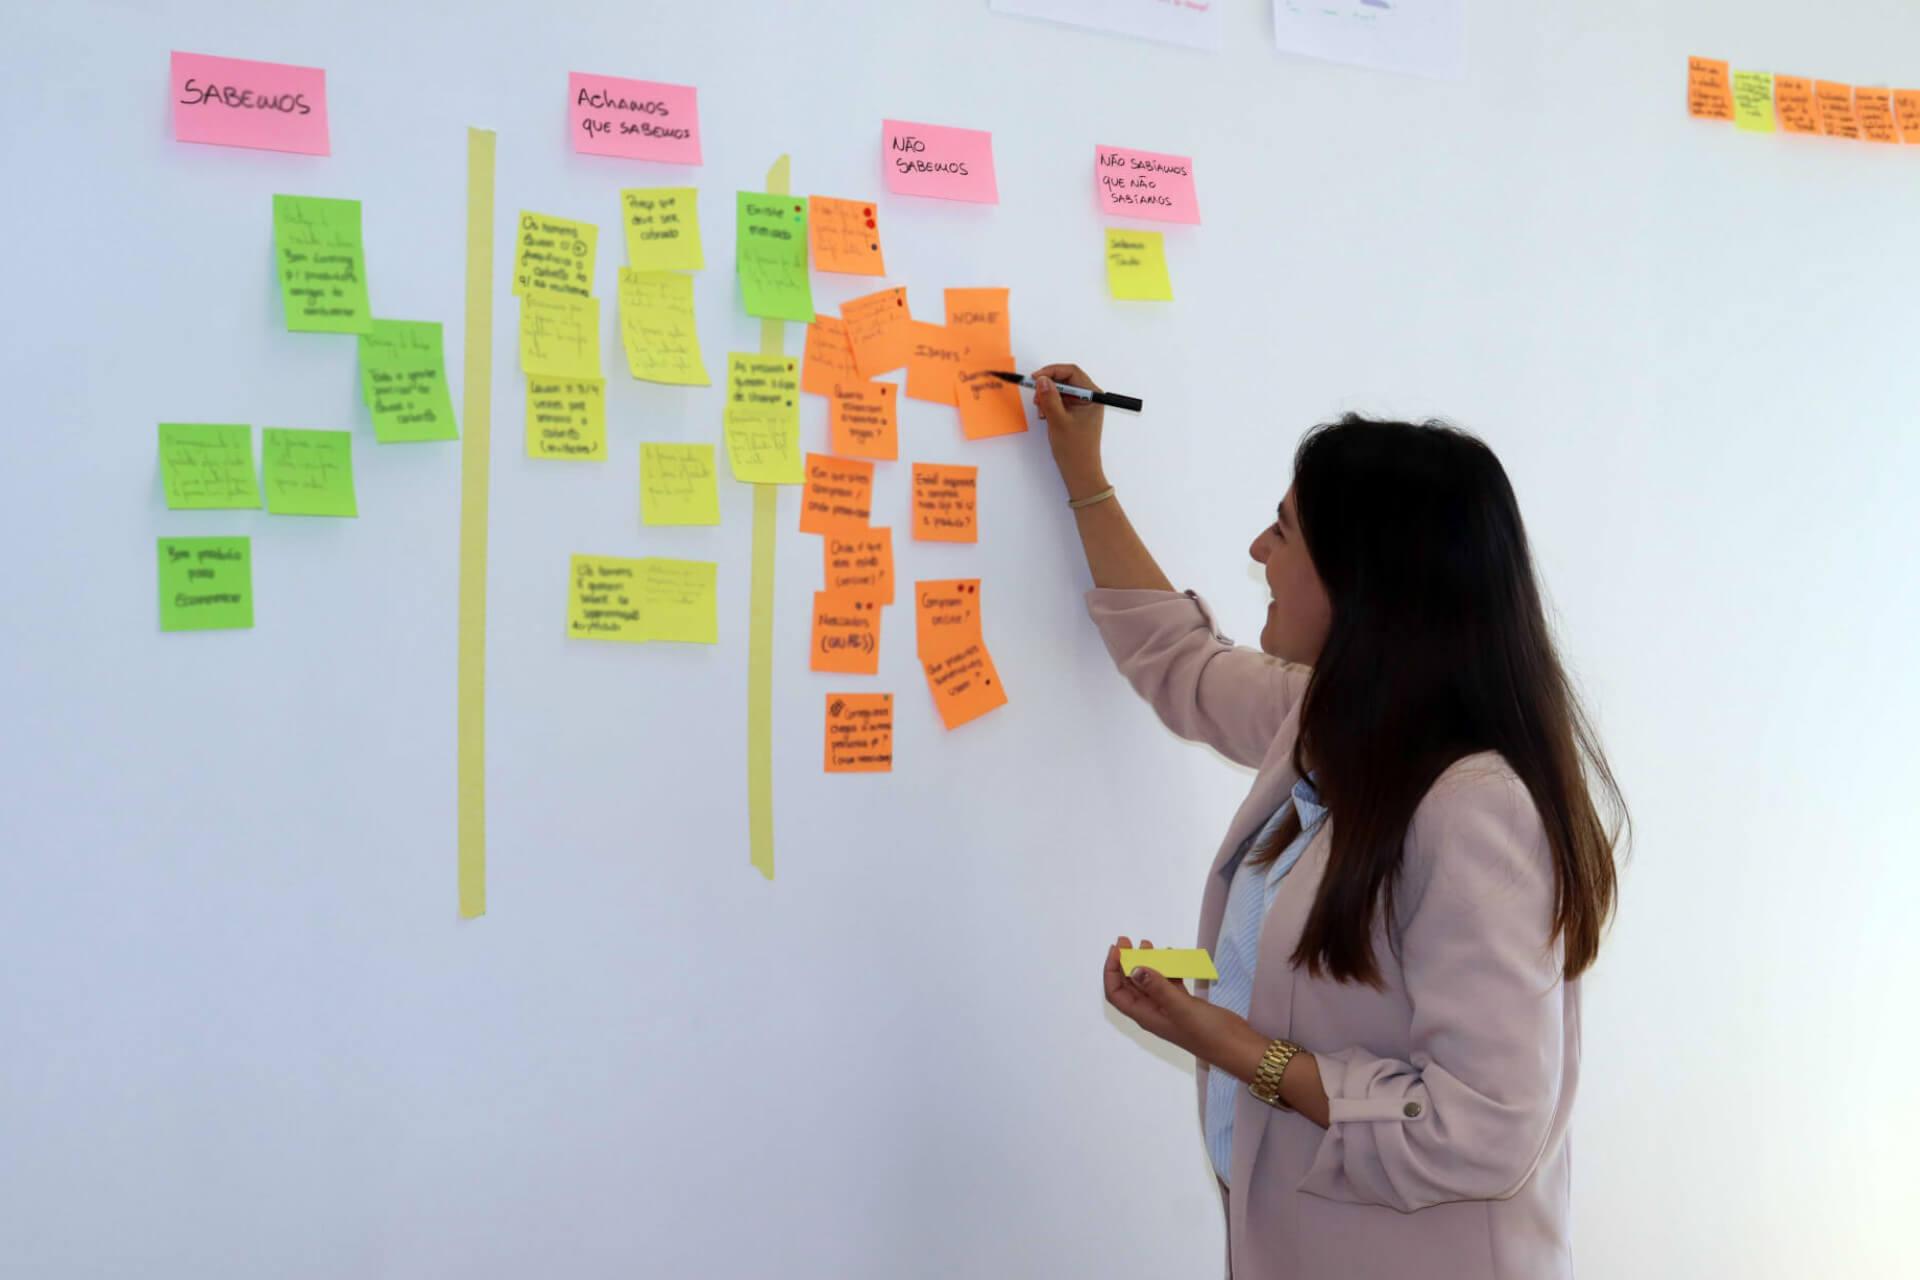 vera-maia-10-competências-chave-de-um-gestor-de-ecommerce